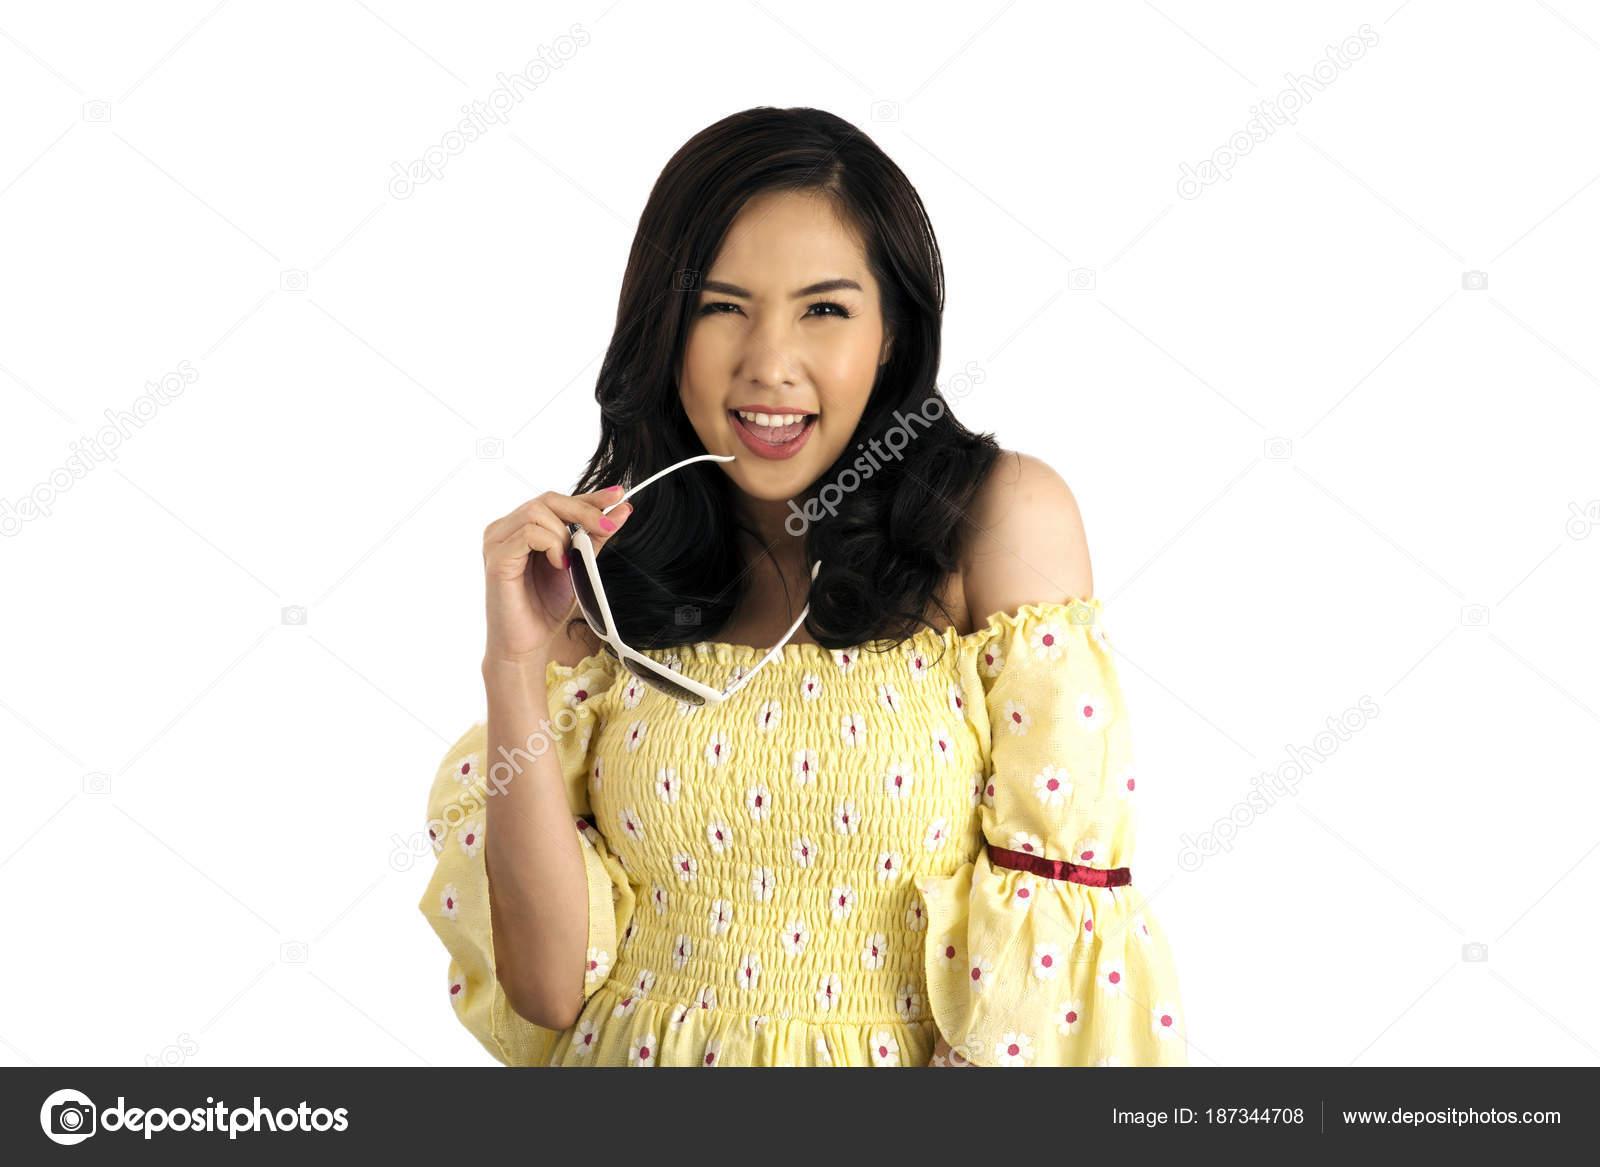 5bf657d6c10 Jolie fille asiatique portant la robe à fleurs jaune avec lunettes de  soleil dans la main qui pose en studio sur fond blanc — Image de  pandpstock001